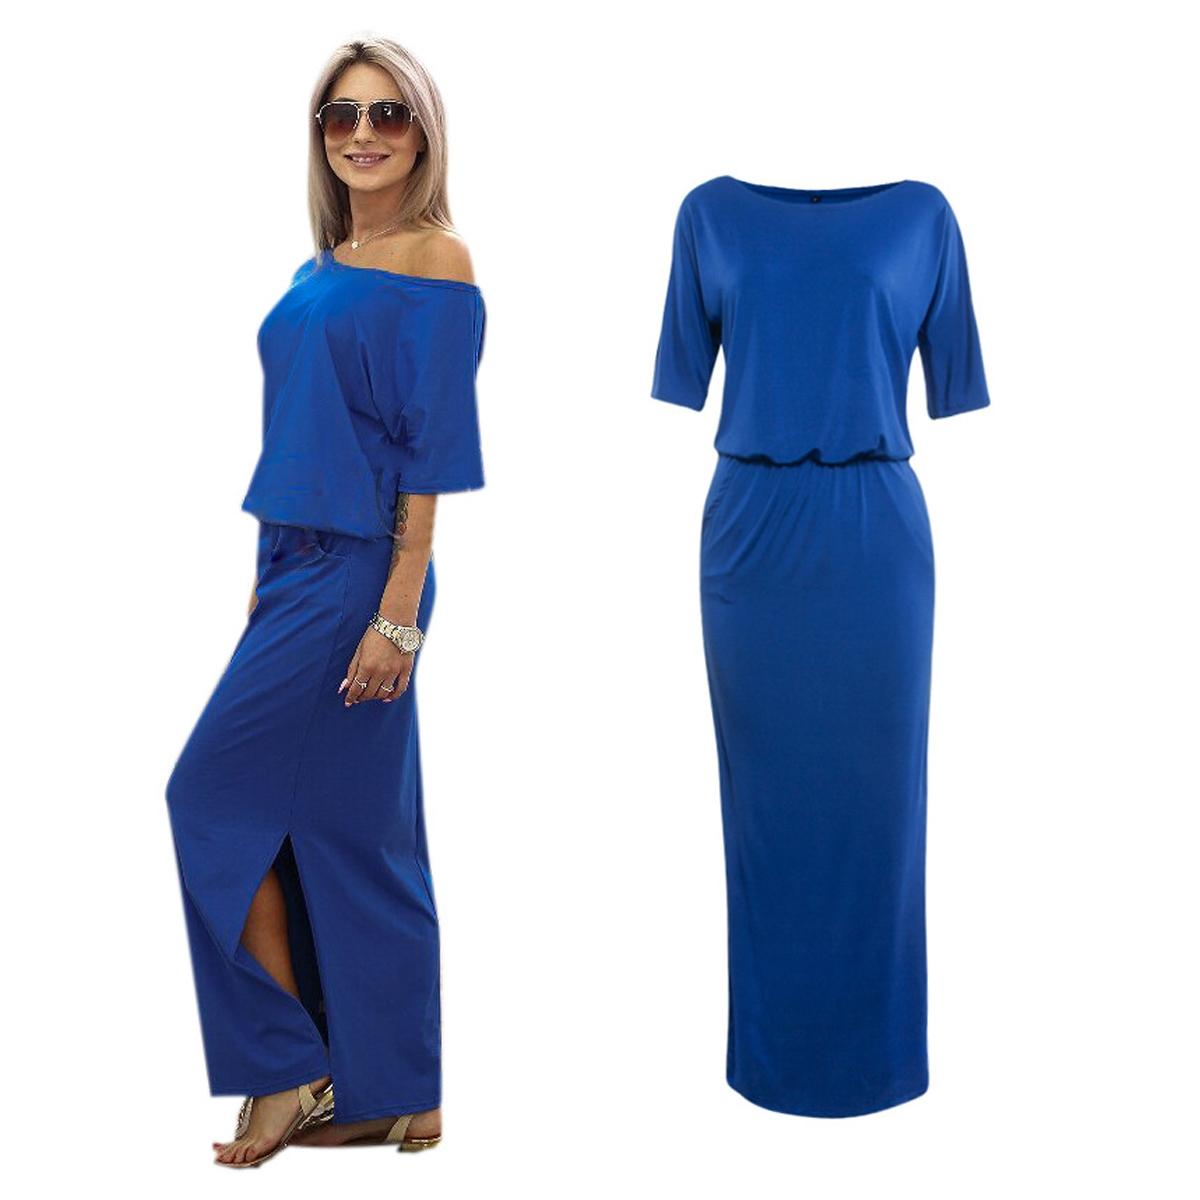 buy here women summer long dress casual boho side split